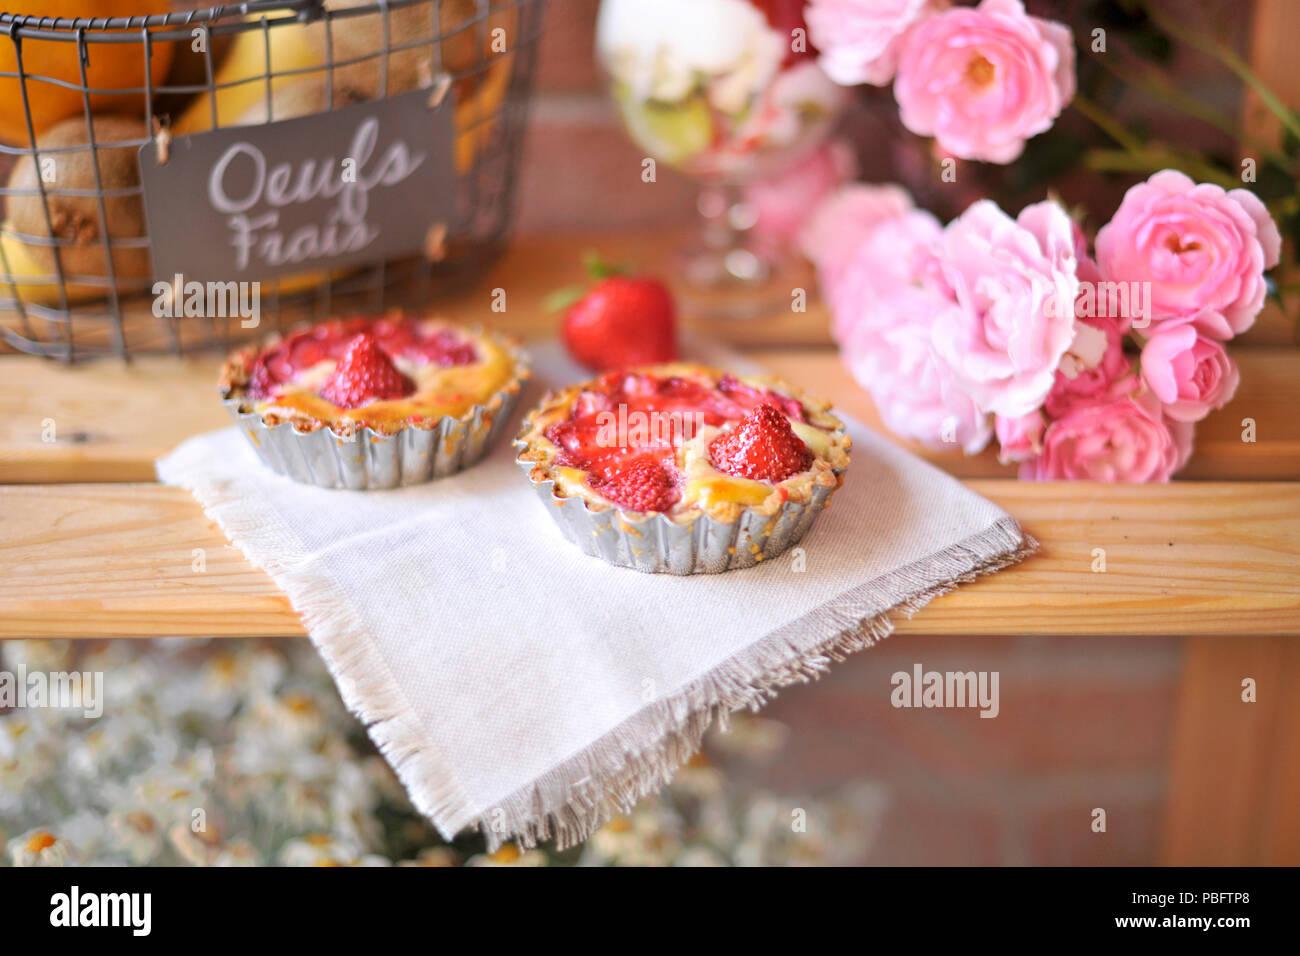 Classic Cheesecake mit Erdbeeren. Auf einem hellen Hintergrund mit einem Strauß Wildblumen in einem jar. Kamille. Einrichtung von Vintage Textilien. Stockbild